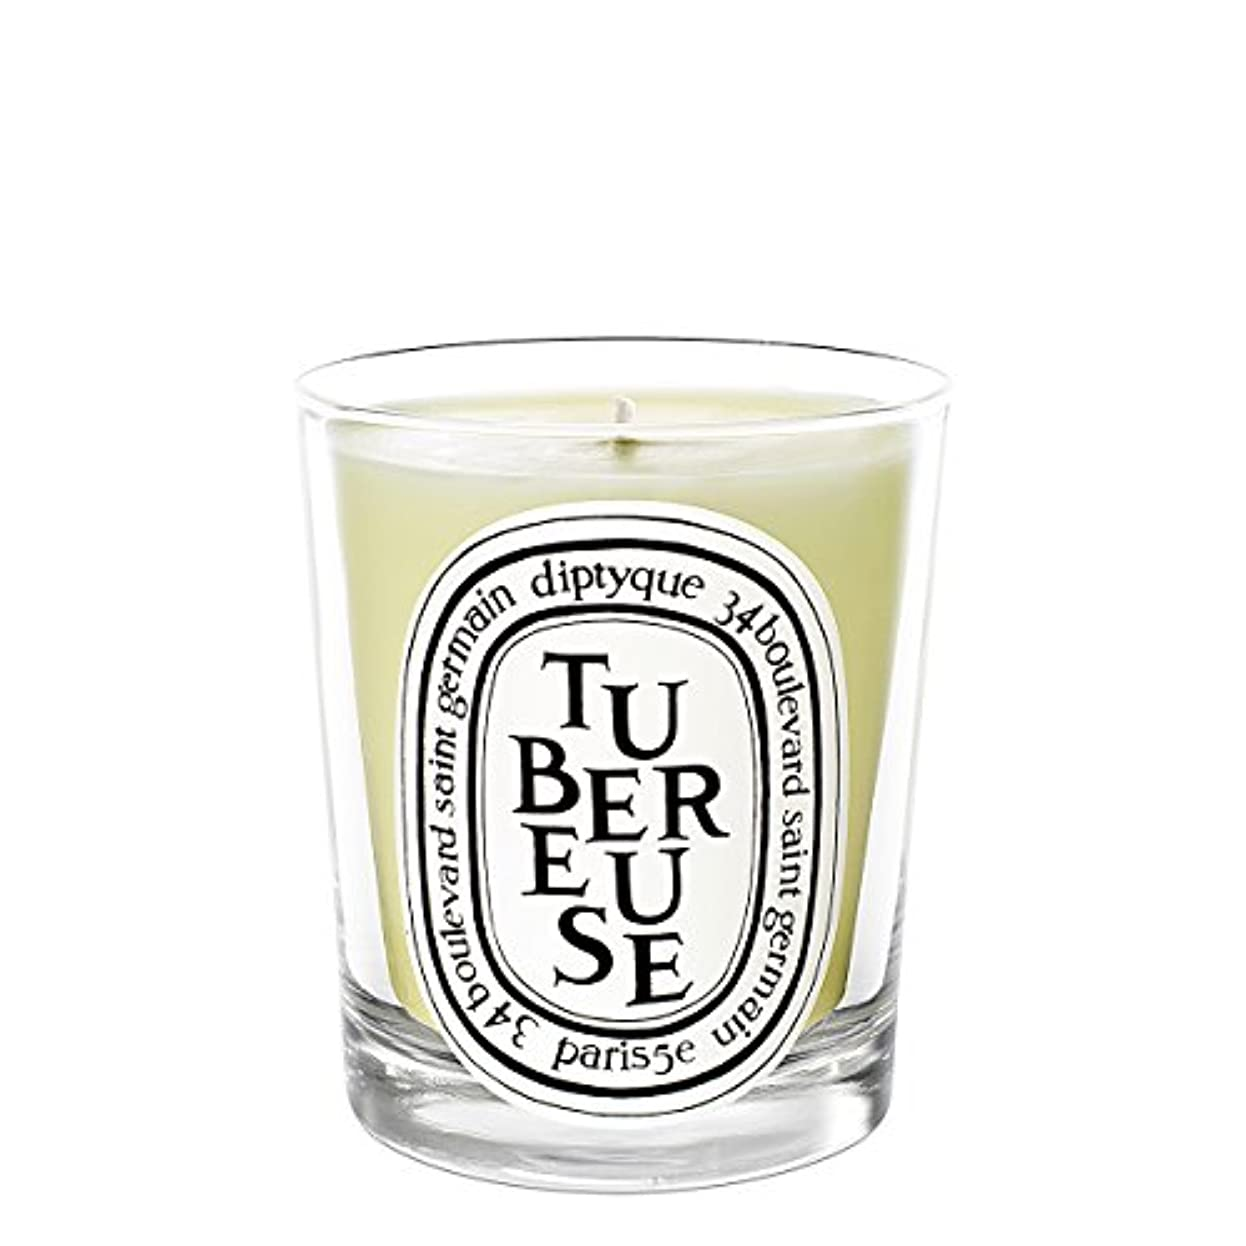 抑圧後方耕すディプティック Scented Candle - Tubereuse (Tuberose) 70g/2.4oz並行輸入品